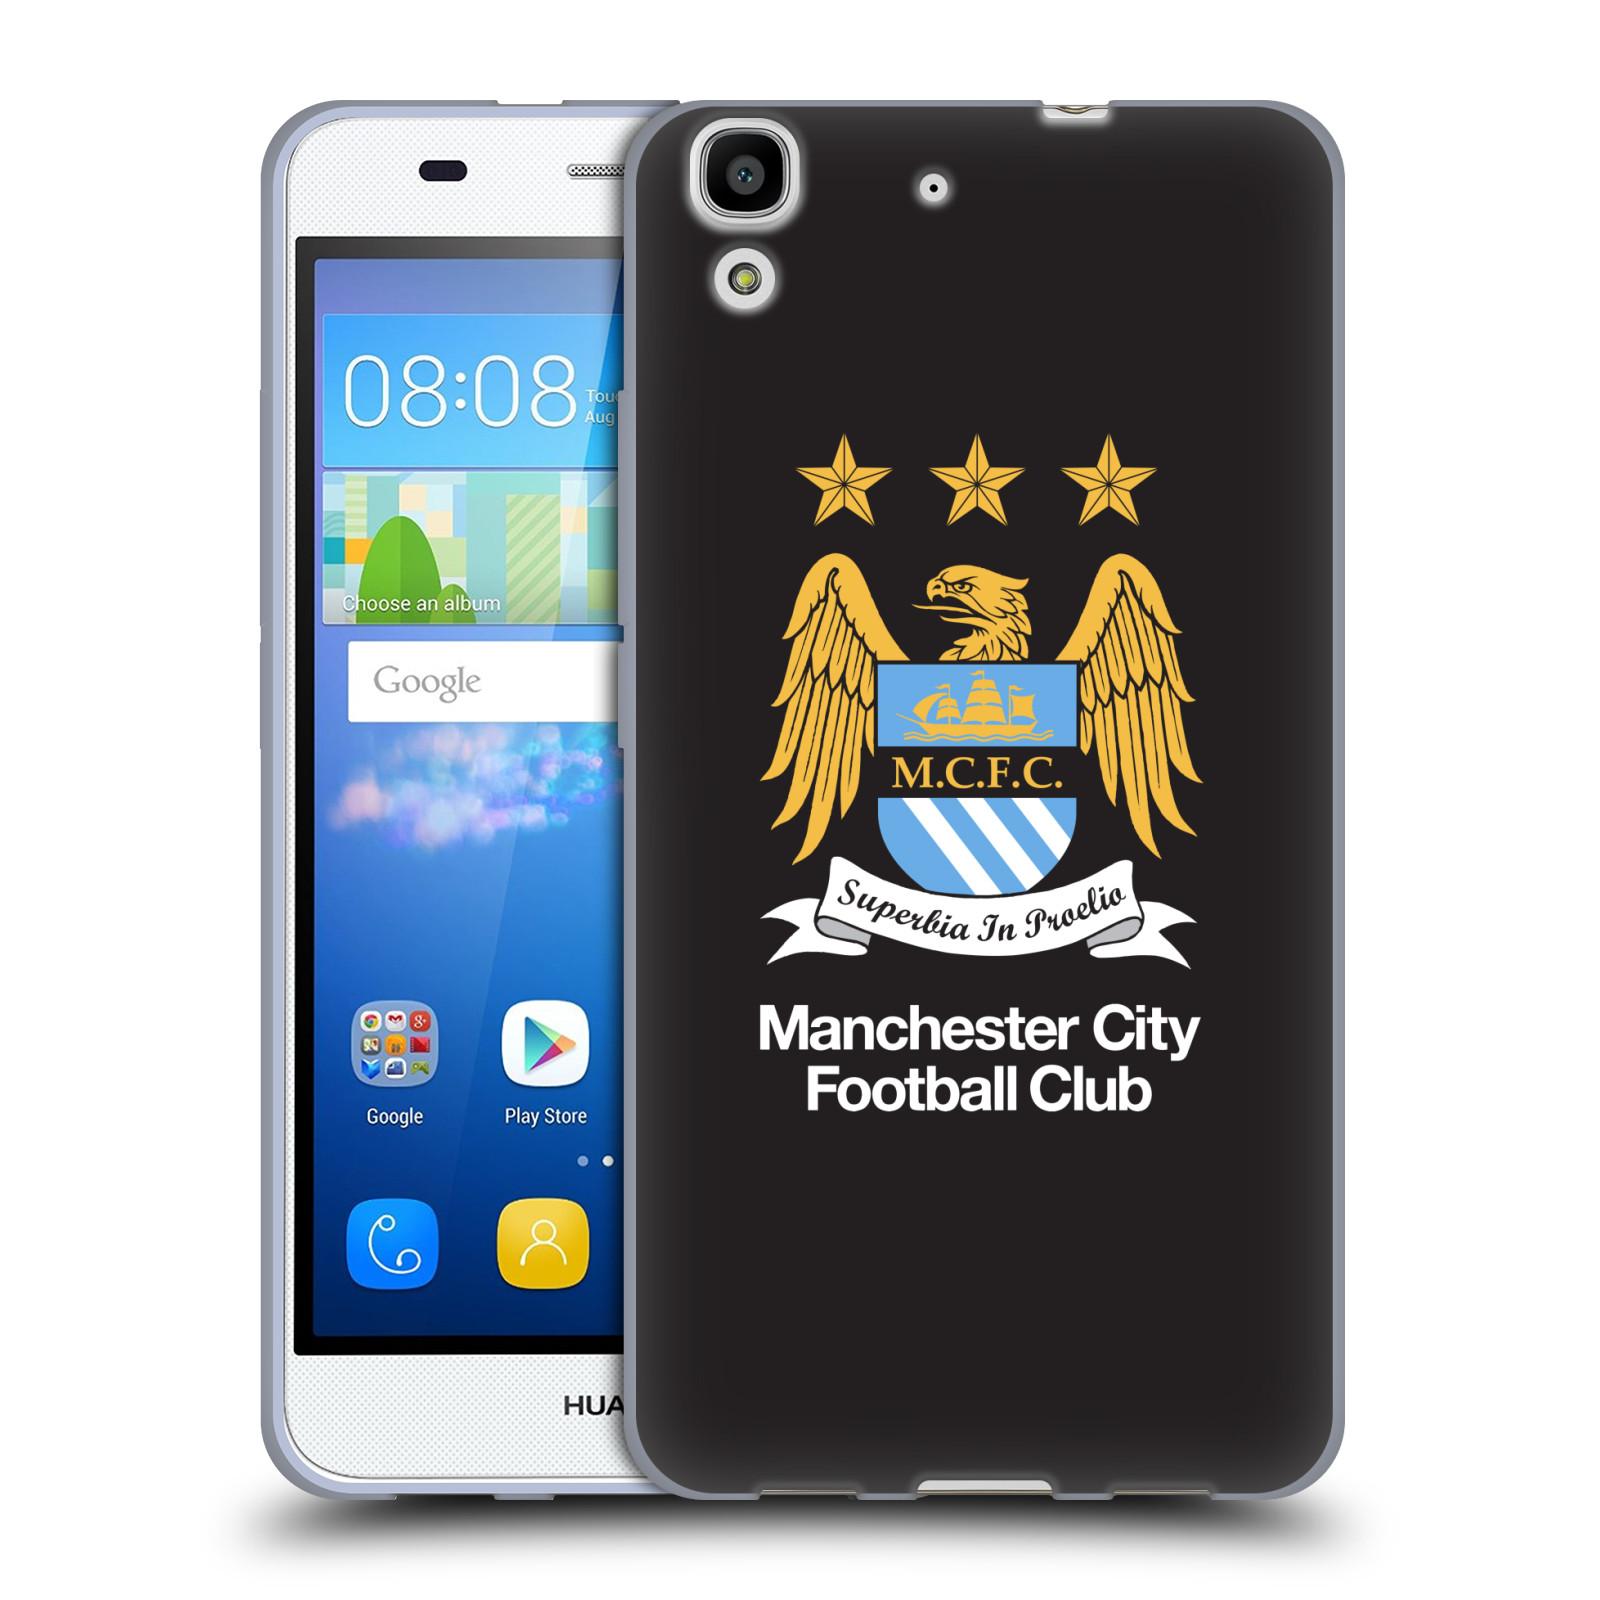 HEAD CASE silikonový obal na mobil Huawei Y6 Fotbalový klub Manchester City černé pozadí velký znak